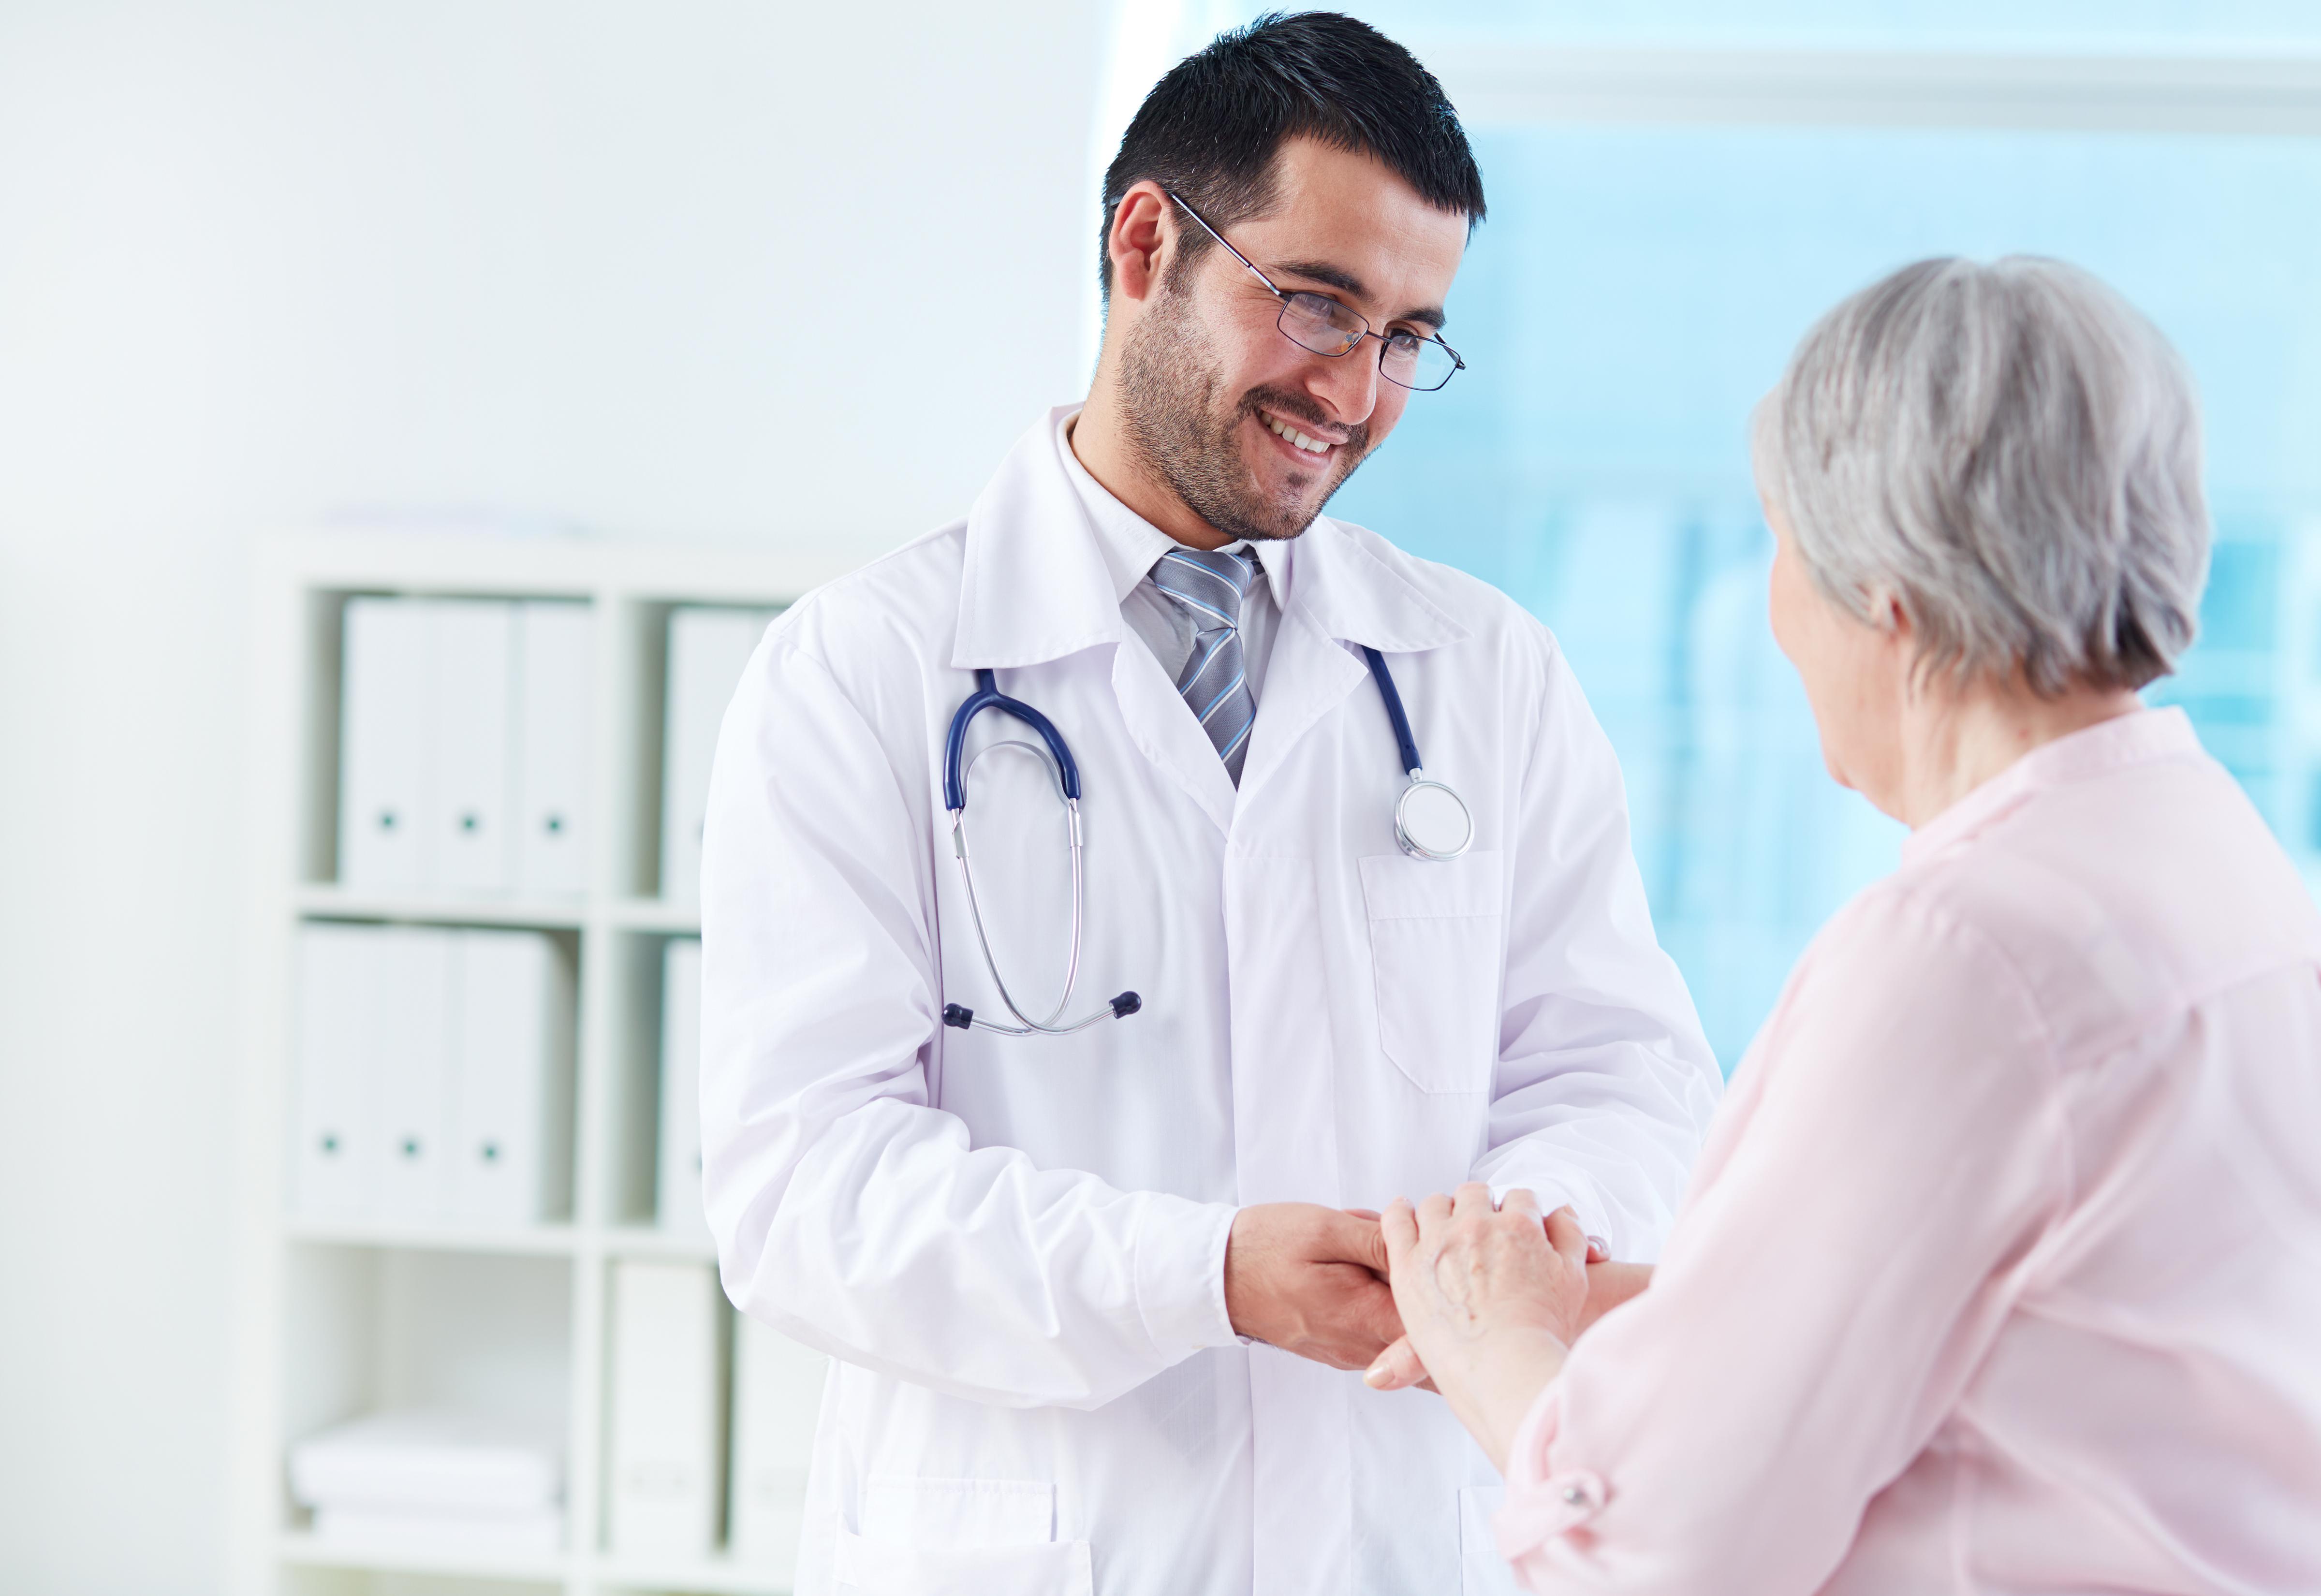 médicos, doctores, empleo para médicos